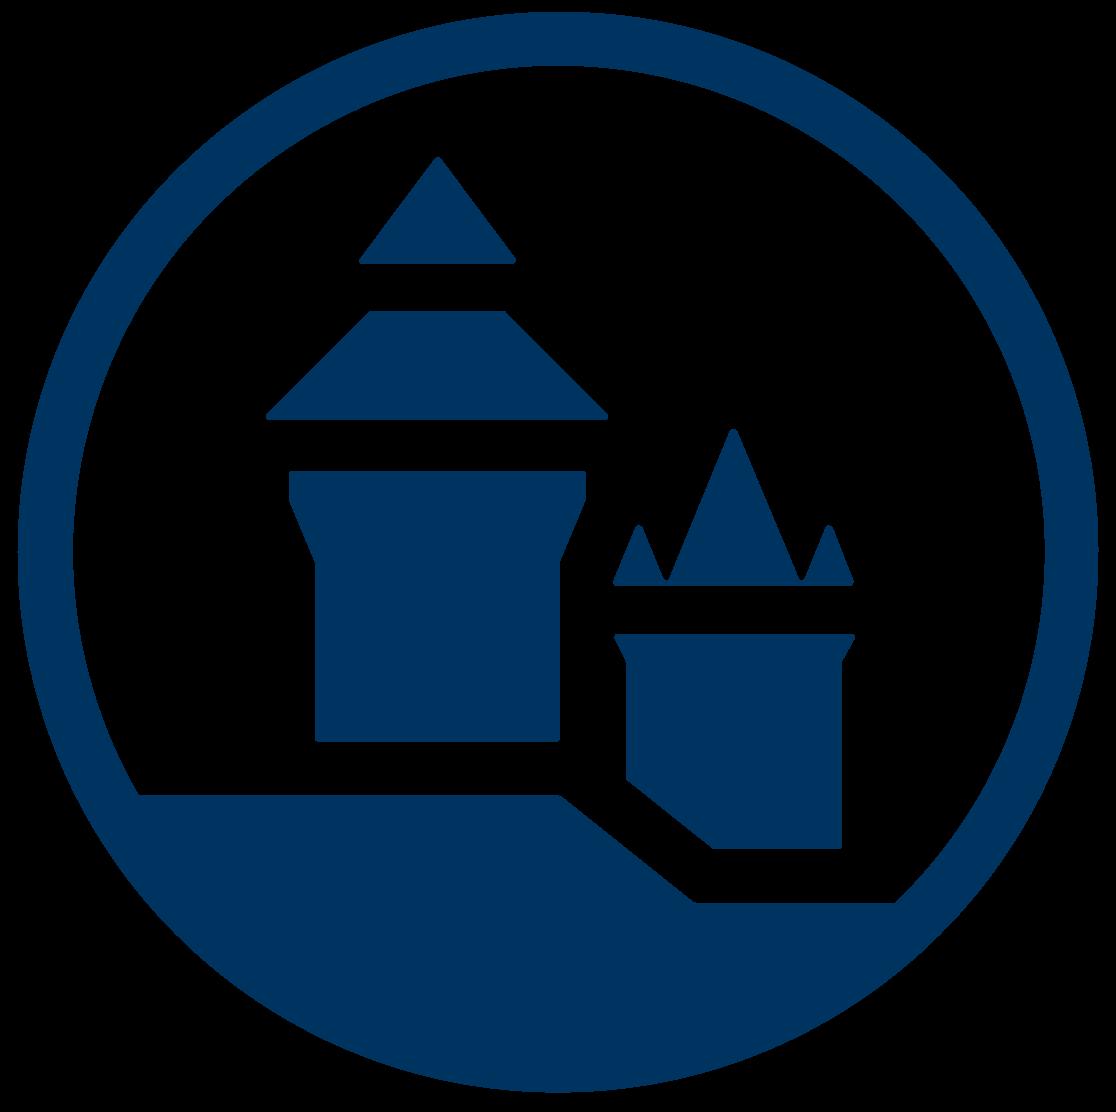 Nürnberger - Unterstützung bei der Erstellung des strategischen Zielbilds Zahlungsverkehr